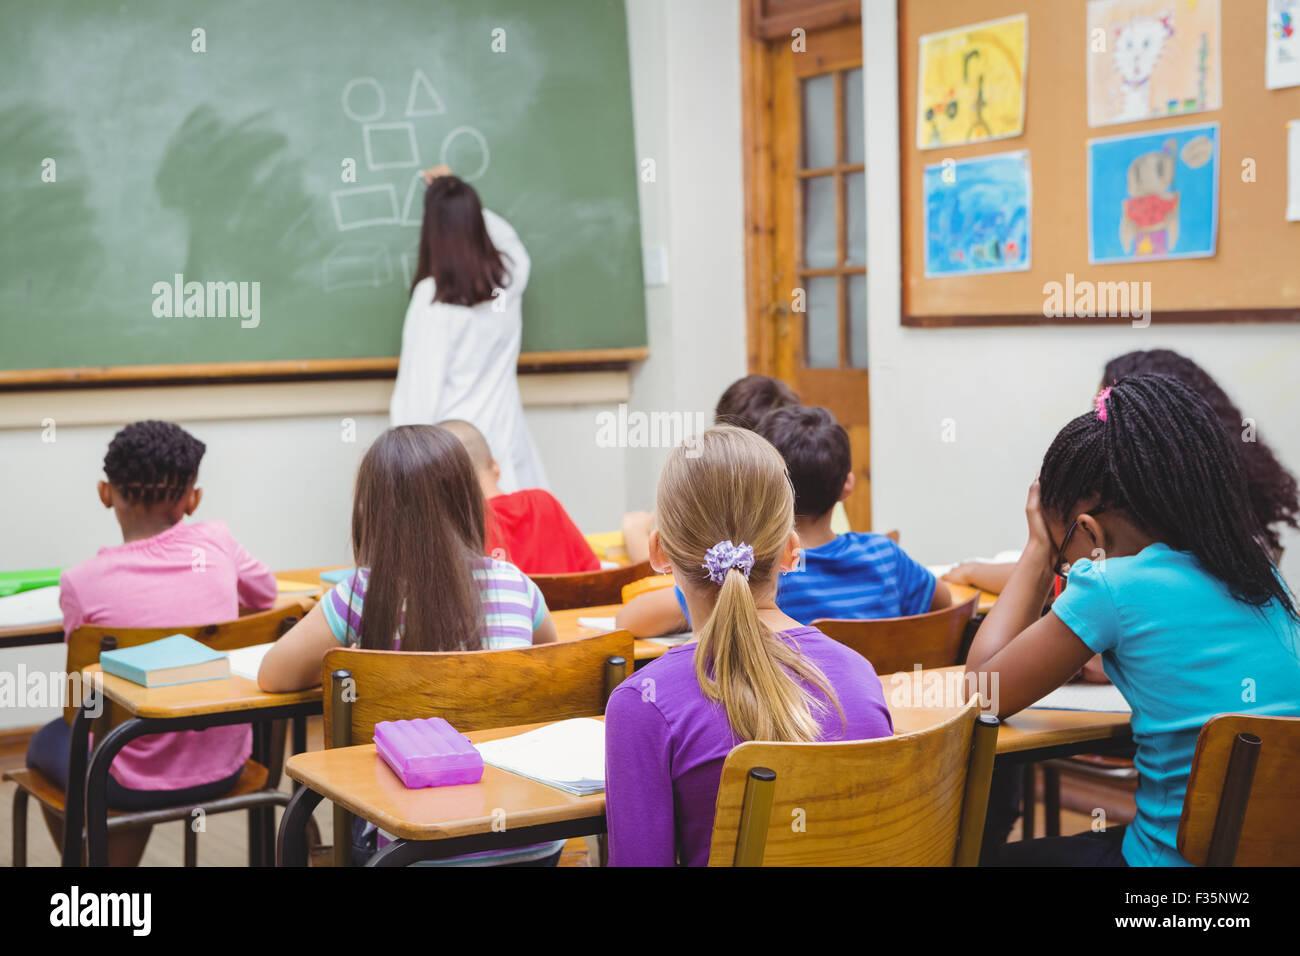 Los estudiantes prestando atención al profesor Imagen De Stock